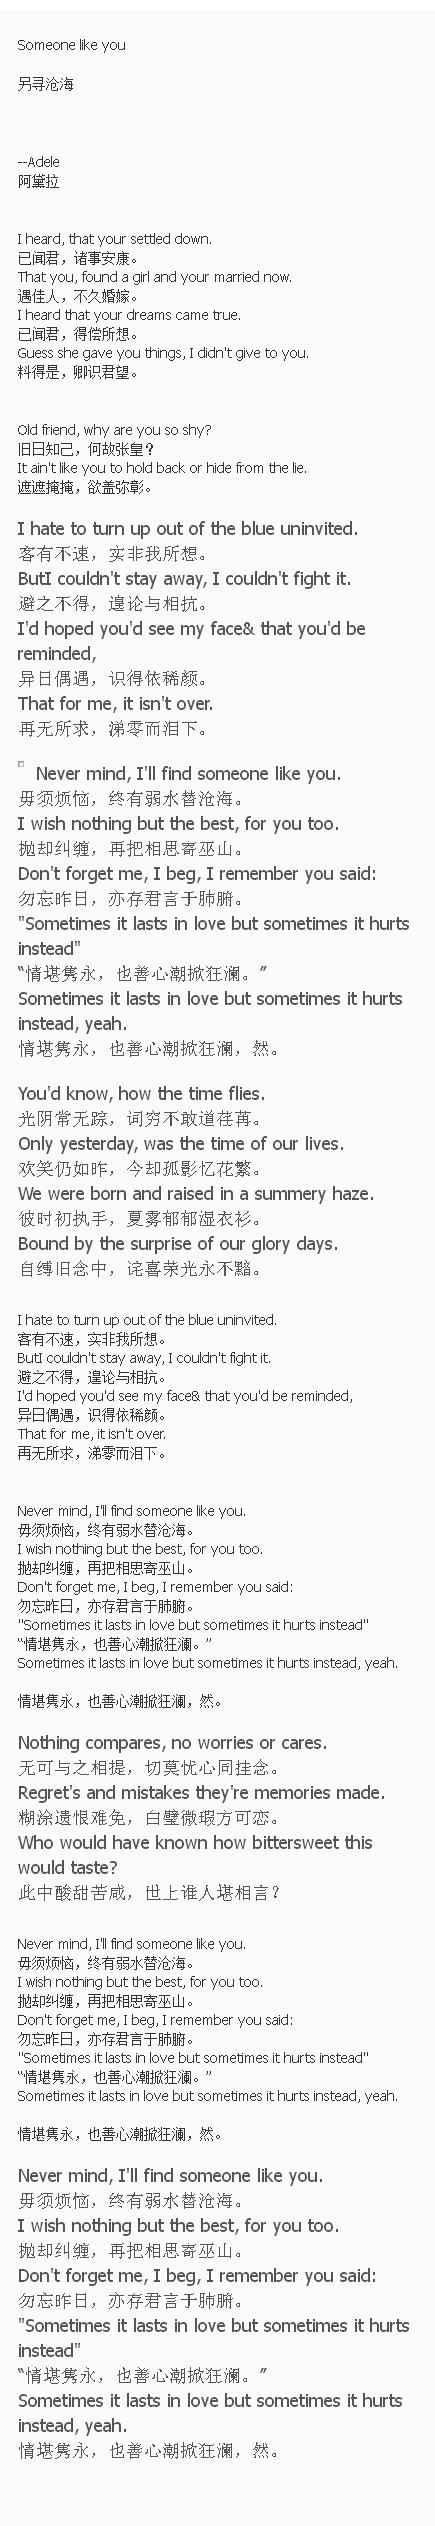 《Someone Like You》 文言风翻译,果断被戳中泪点了……中文真是全世界最美的语言了!膜拜这位大神级别的翻译!